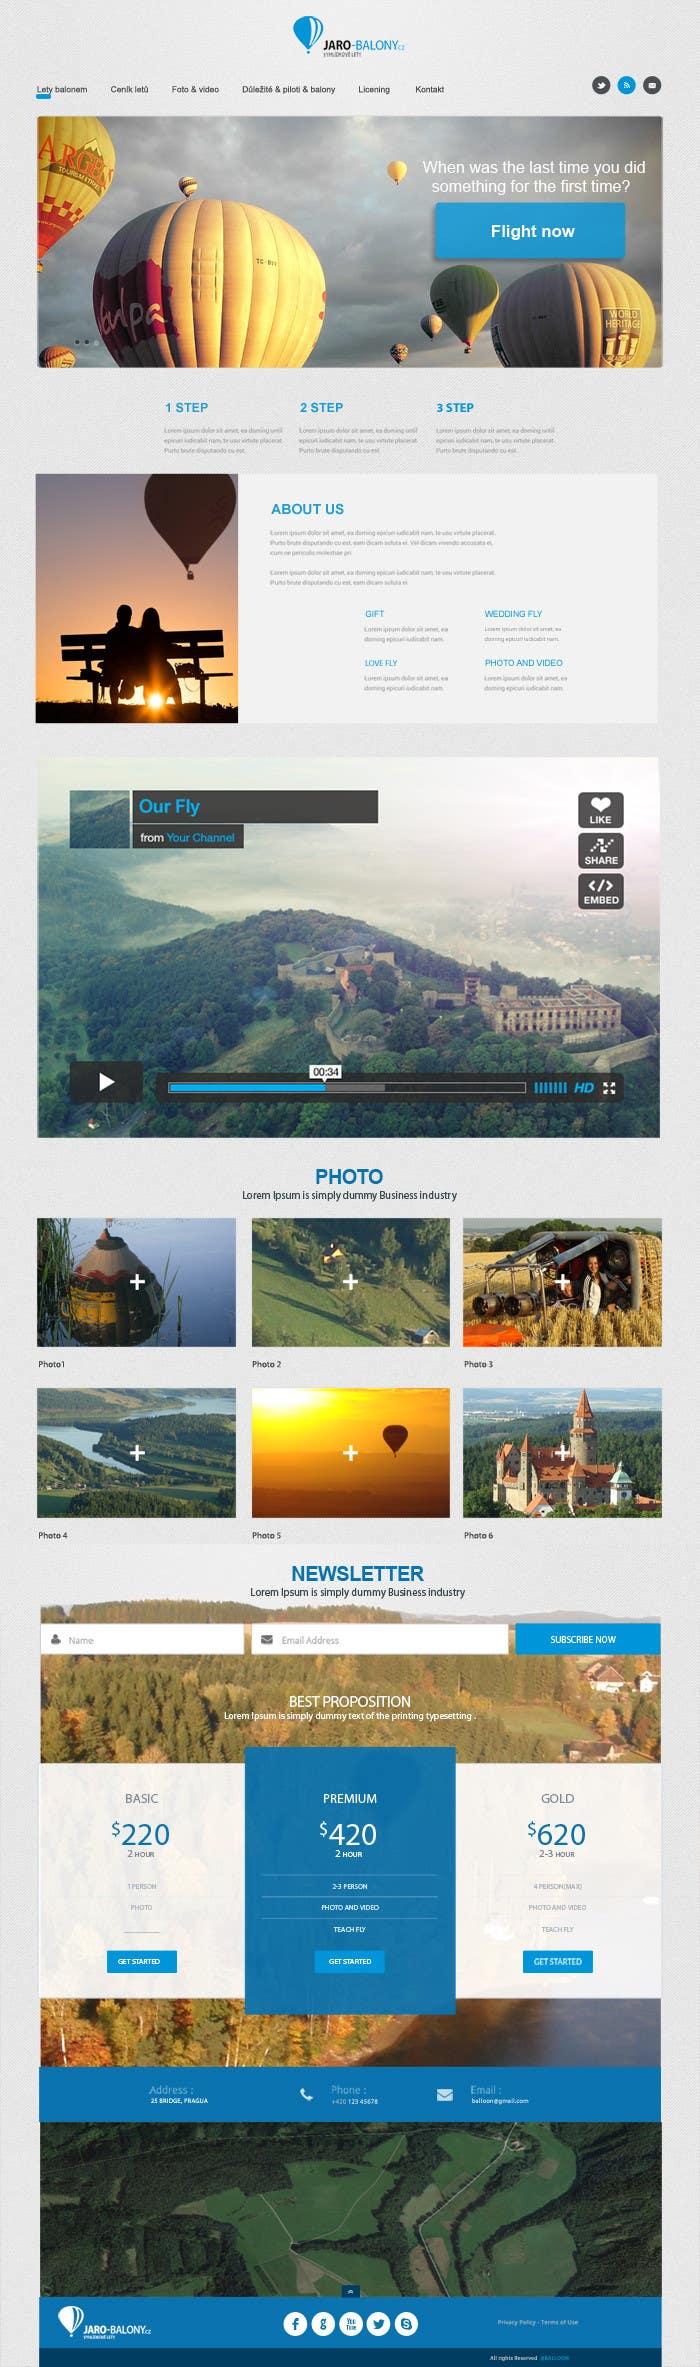 Konkurrenceindlæg #                                        3                                      for                                         Webdesign for website about balloon flights